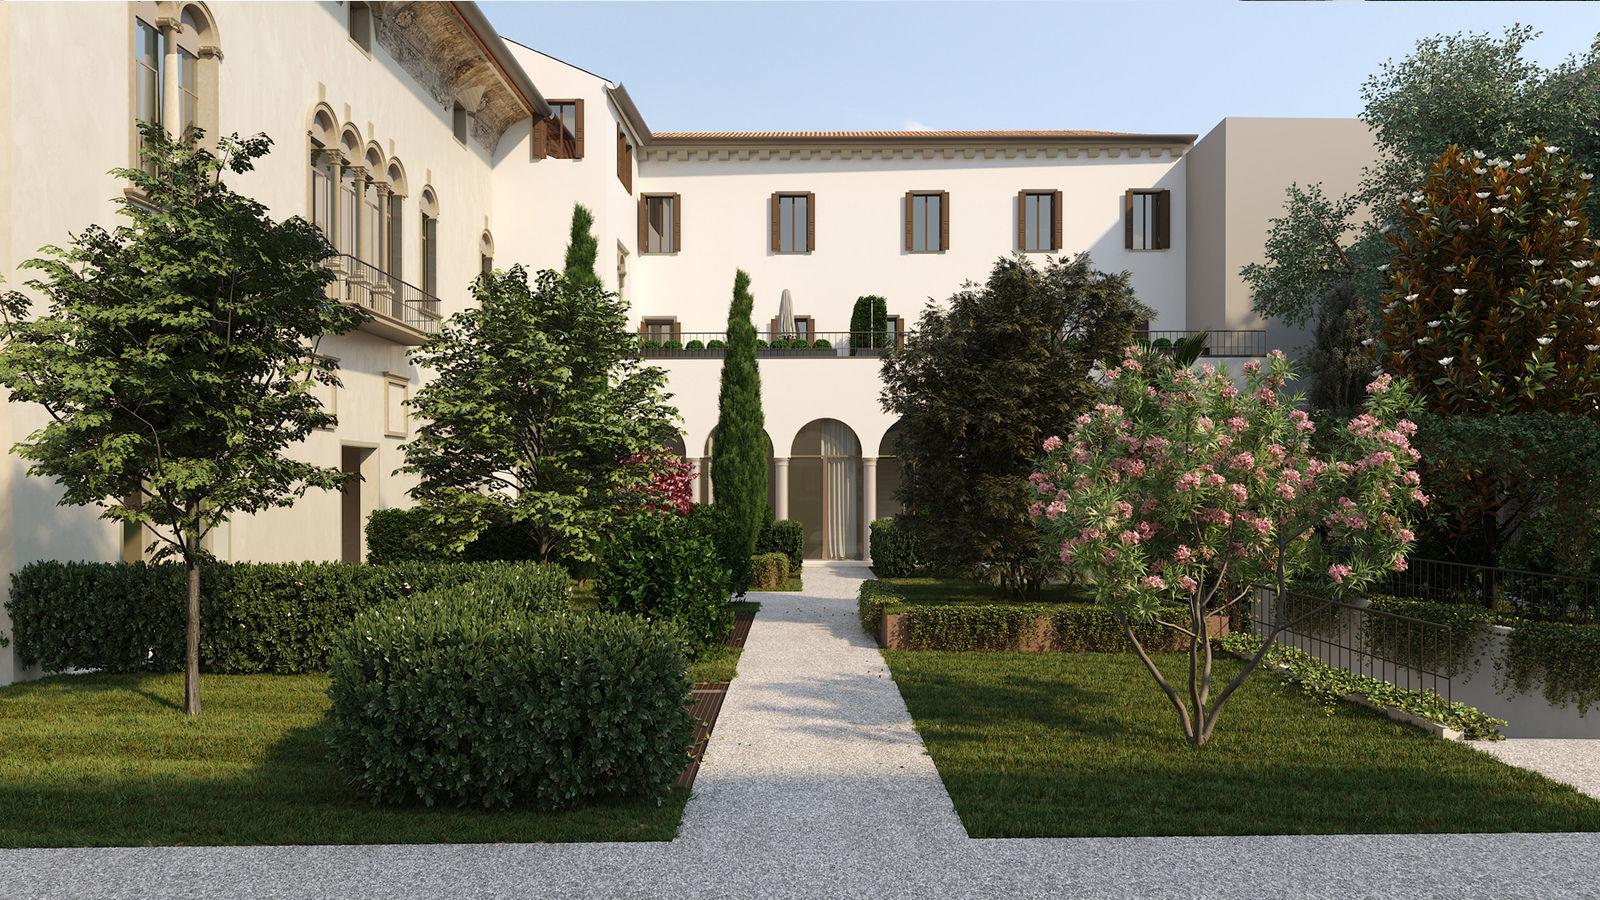 Restauro di Palazzo Roccabonella - image 3